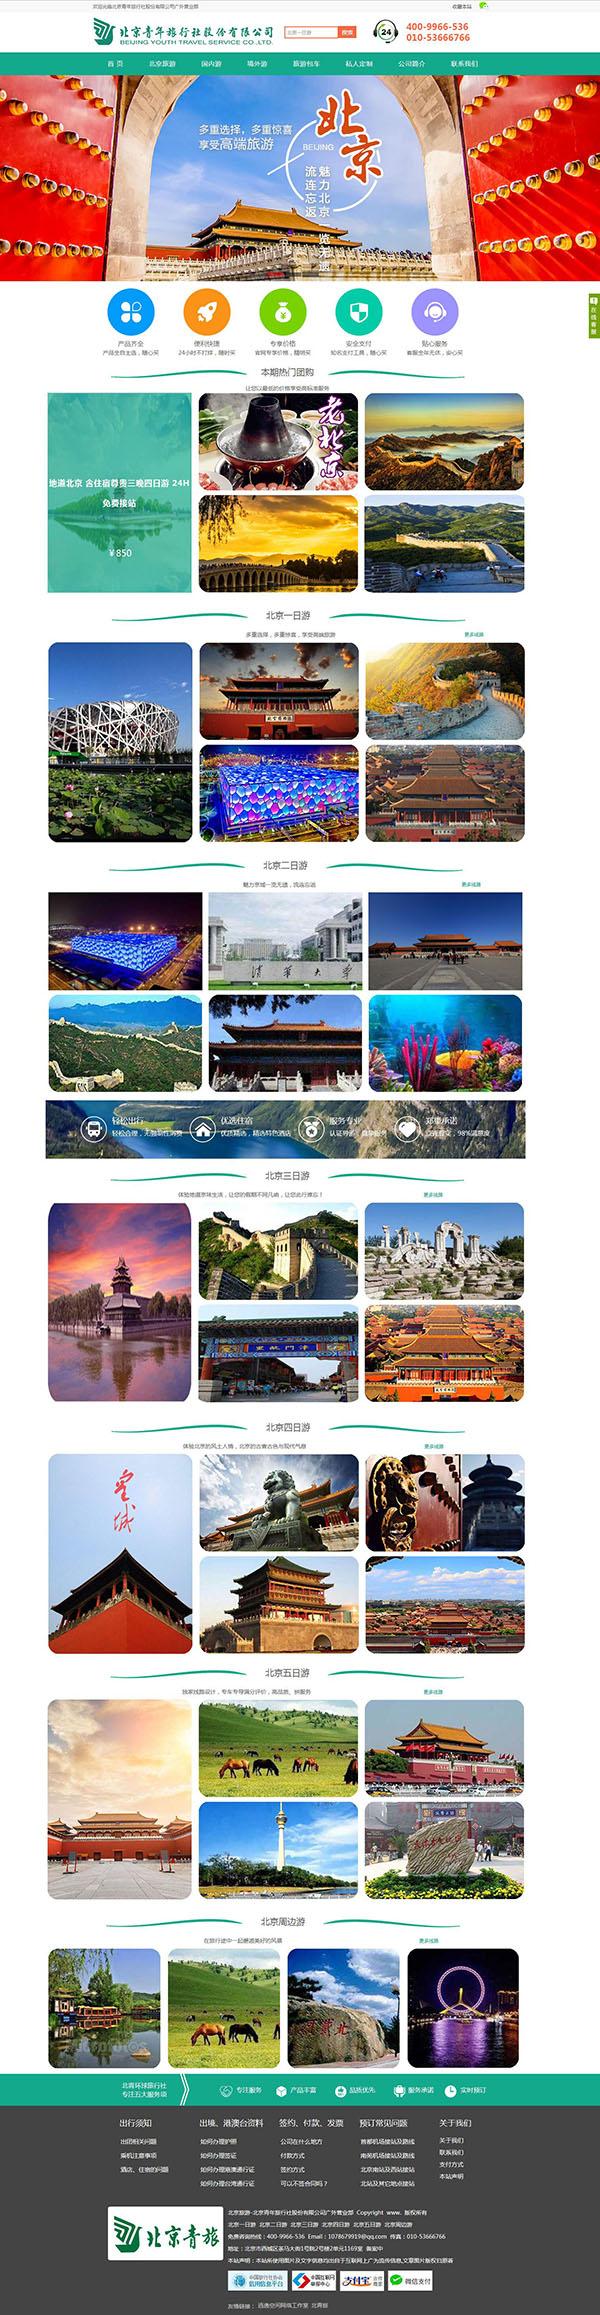 北京青年旅行社股份有限公司广外营业部